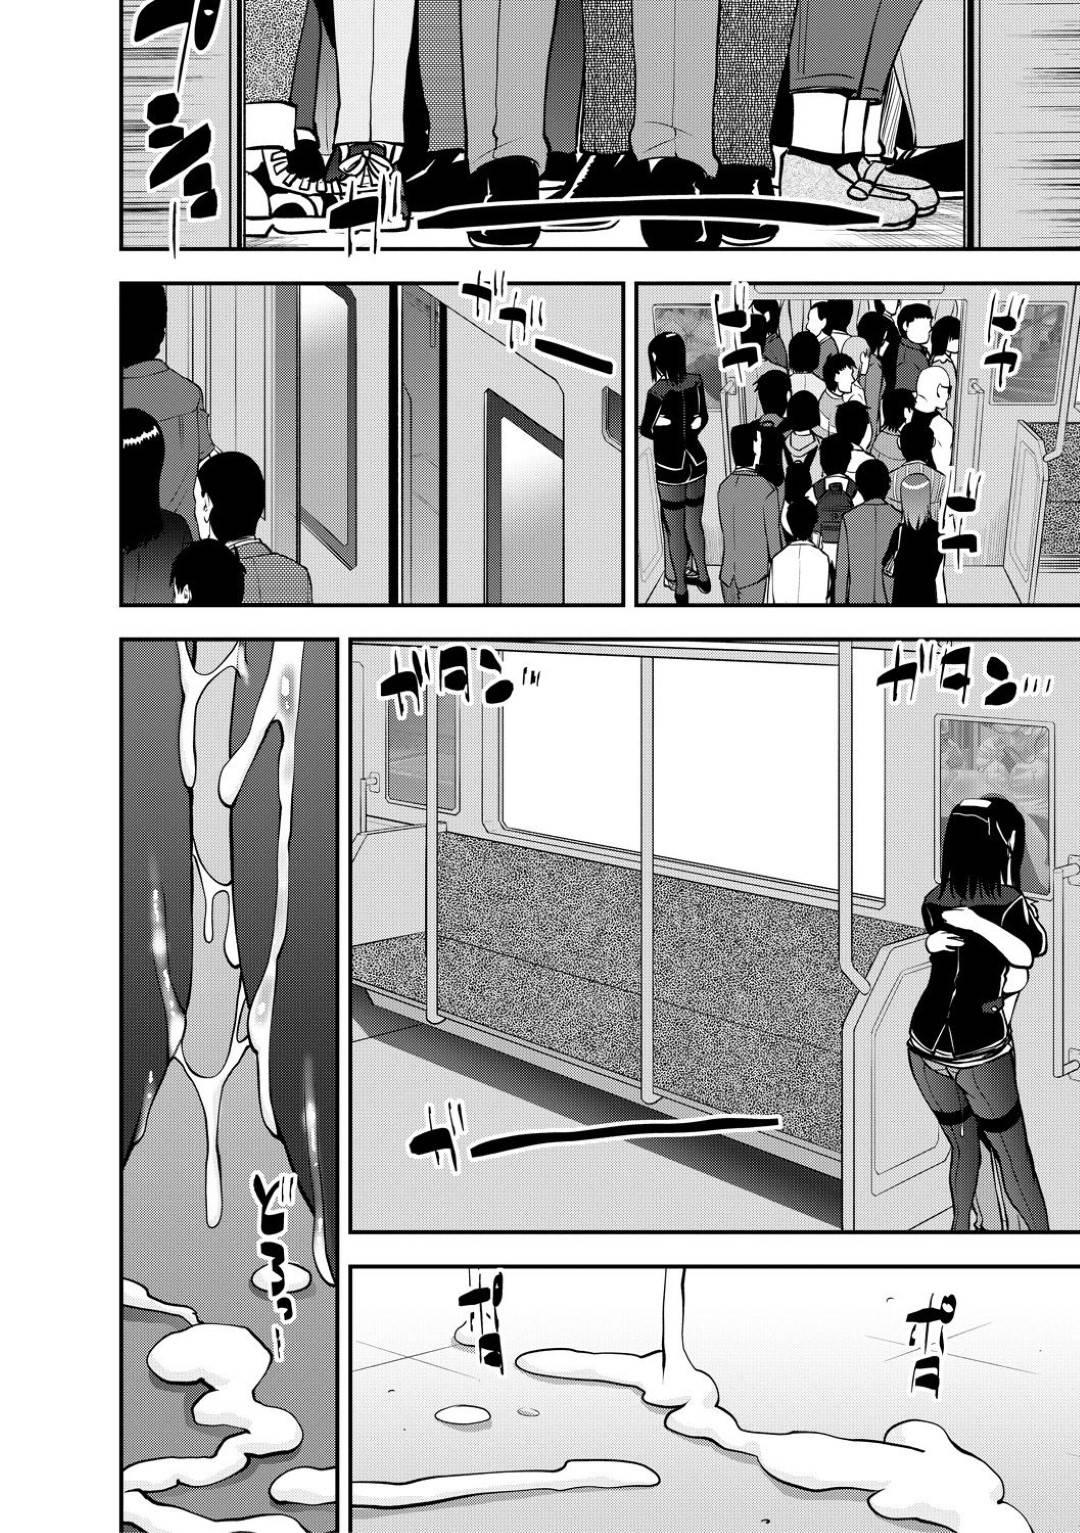 電車の中でショタ男子とリモコンバイブ調教し合ってイキまくる変態美人メガネOL…黒ストッキングにザーメンをぶっかけられたあとお掃除フェラしてヌキまくり、生ハメ中出しおねショタ電車セックスして連続アクメ【シン・普禅:精通快速!トレイン 最終話】